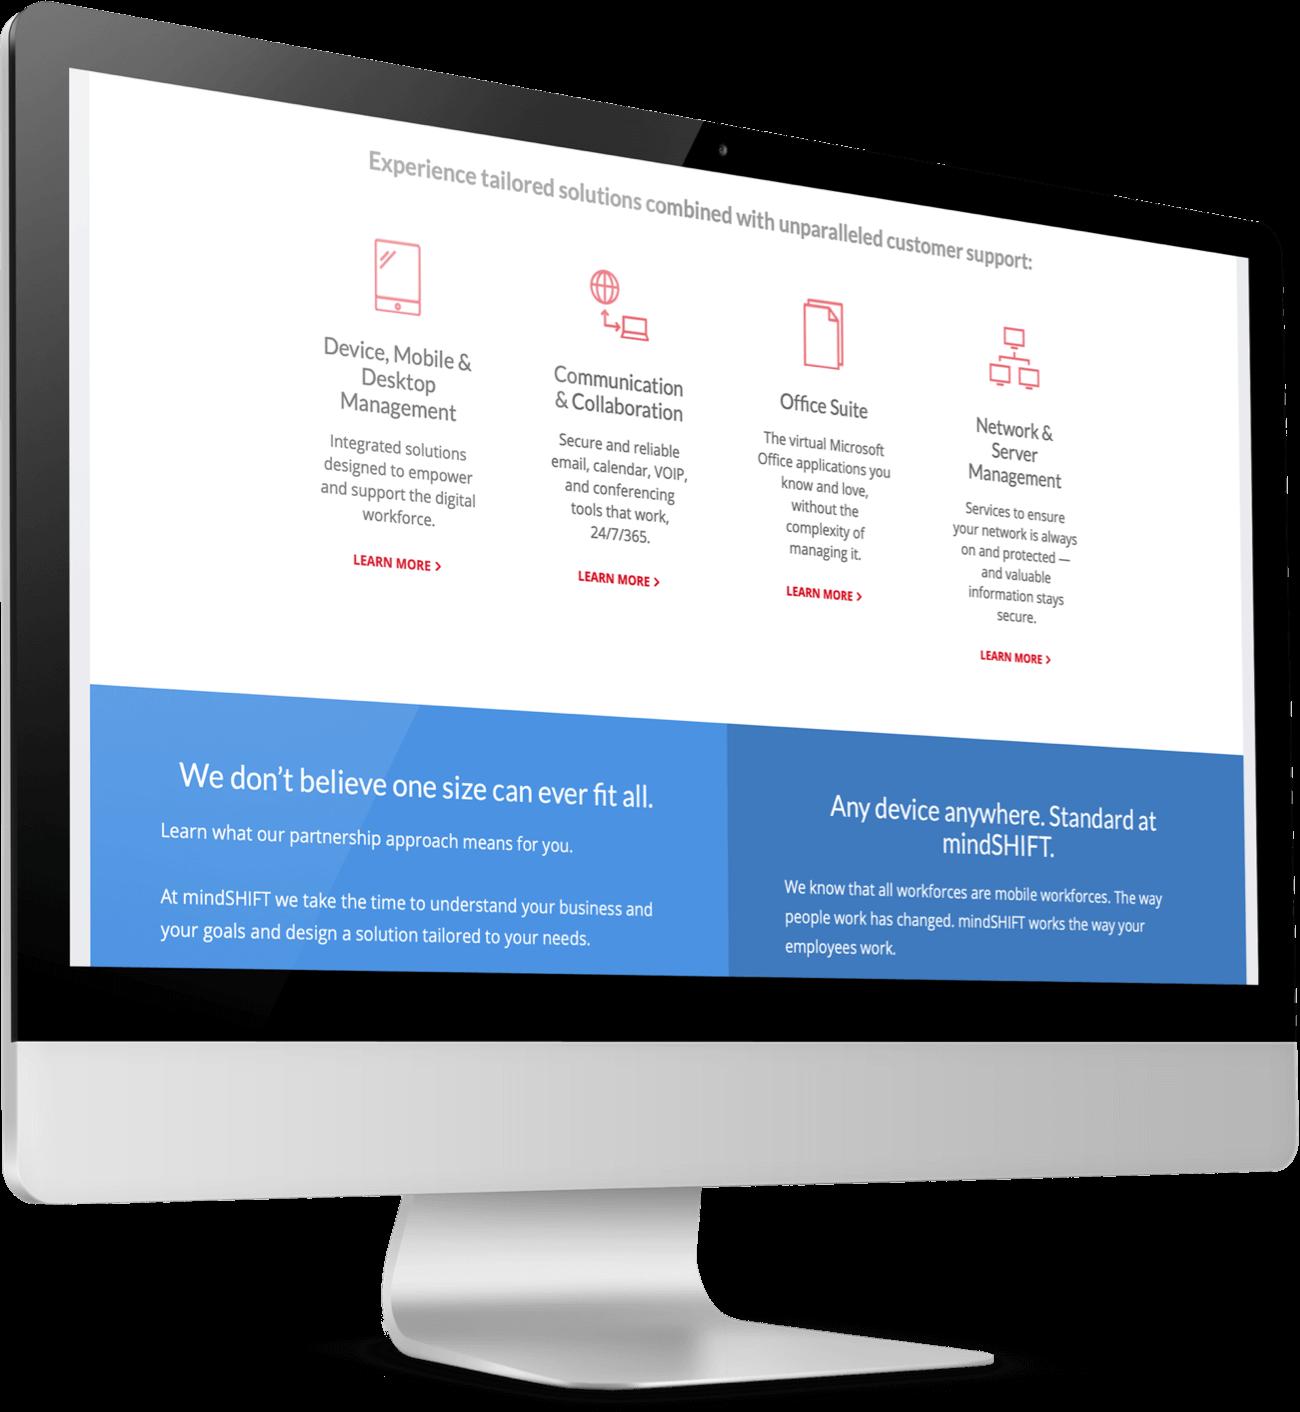 mindSHIFT's analytics platform shown on desktop